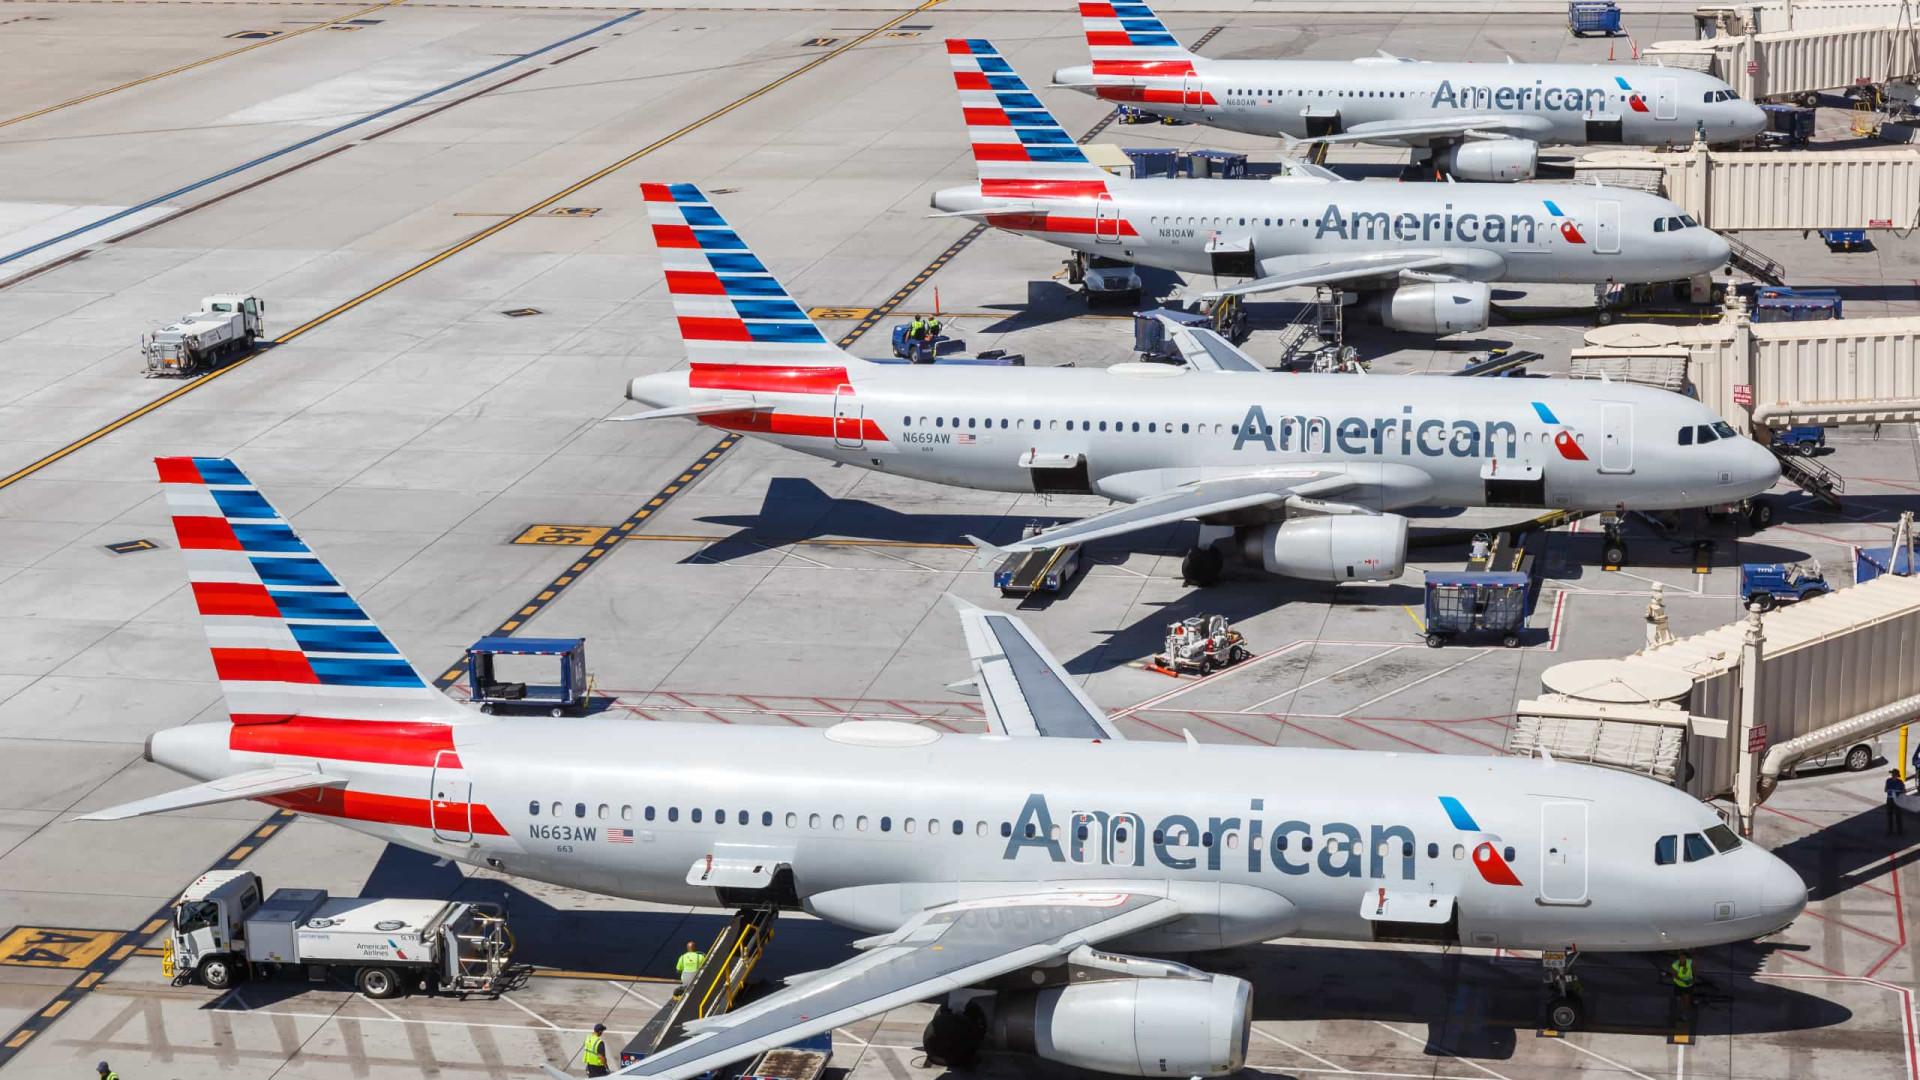 EUA: sem apoio, aéreas ameaçam demitir mais de 30 mil trabalhadores